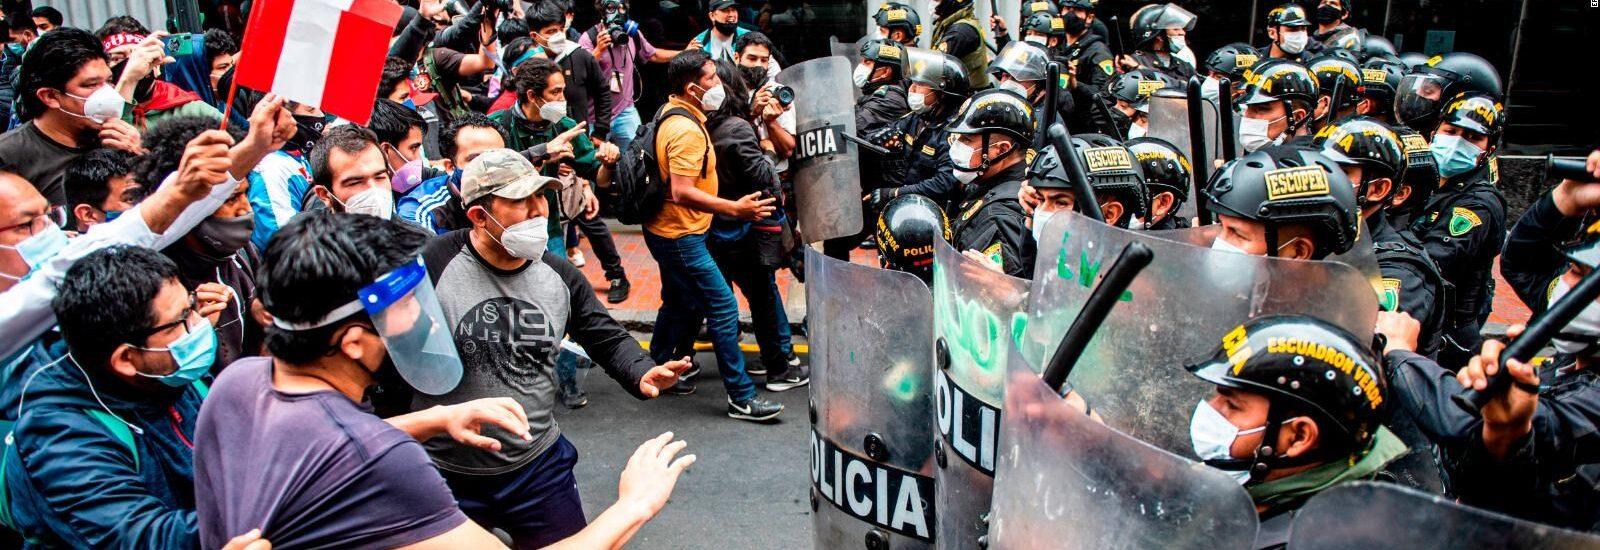 Το Περού μετά τον πρόεδρο Βιθκάρα